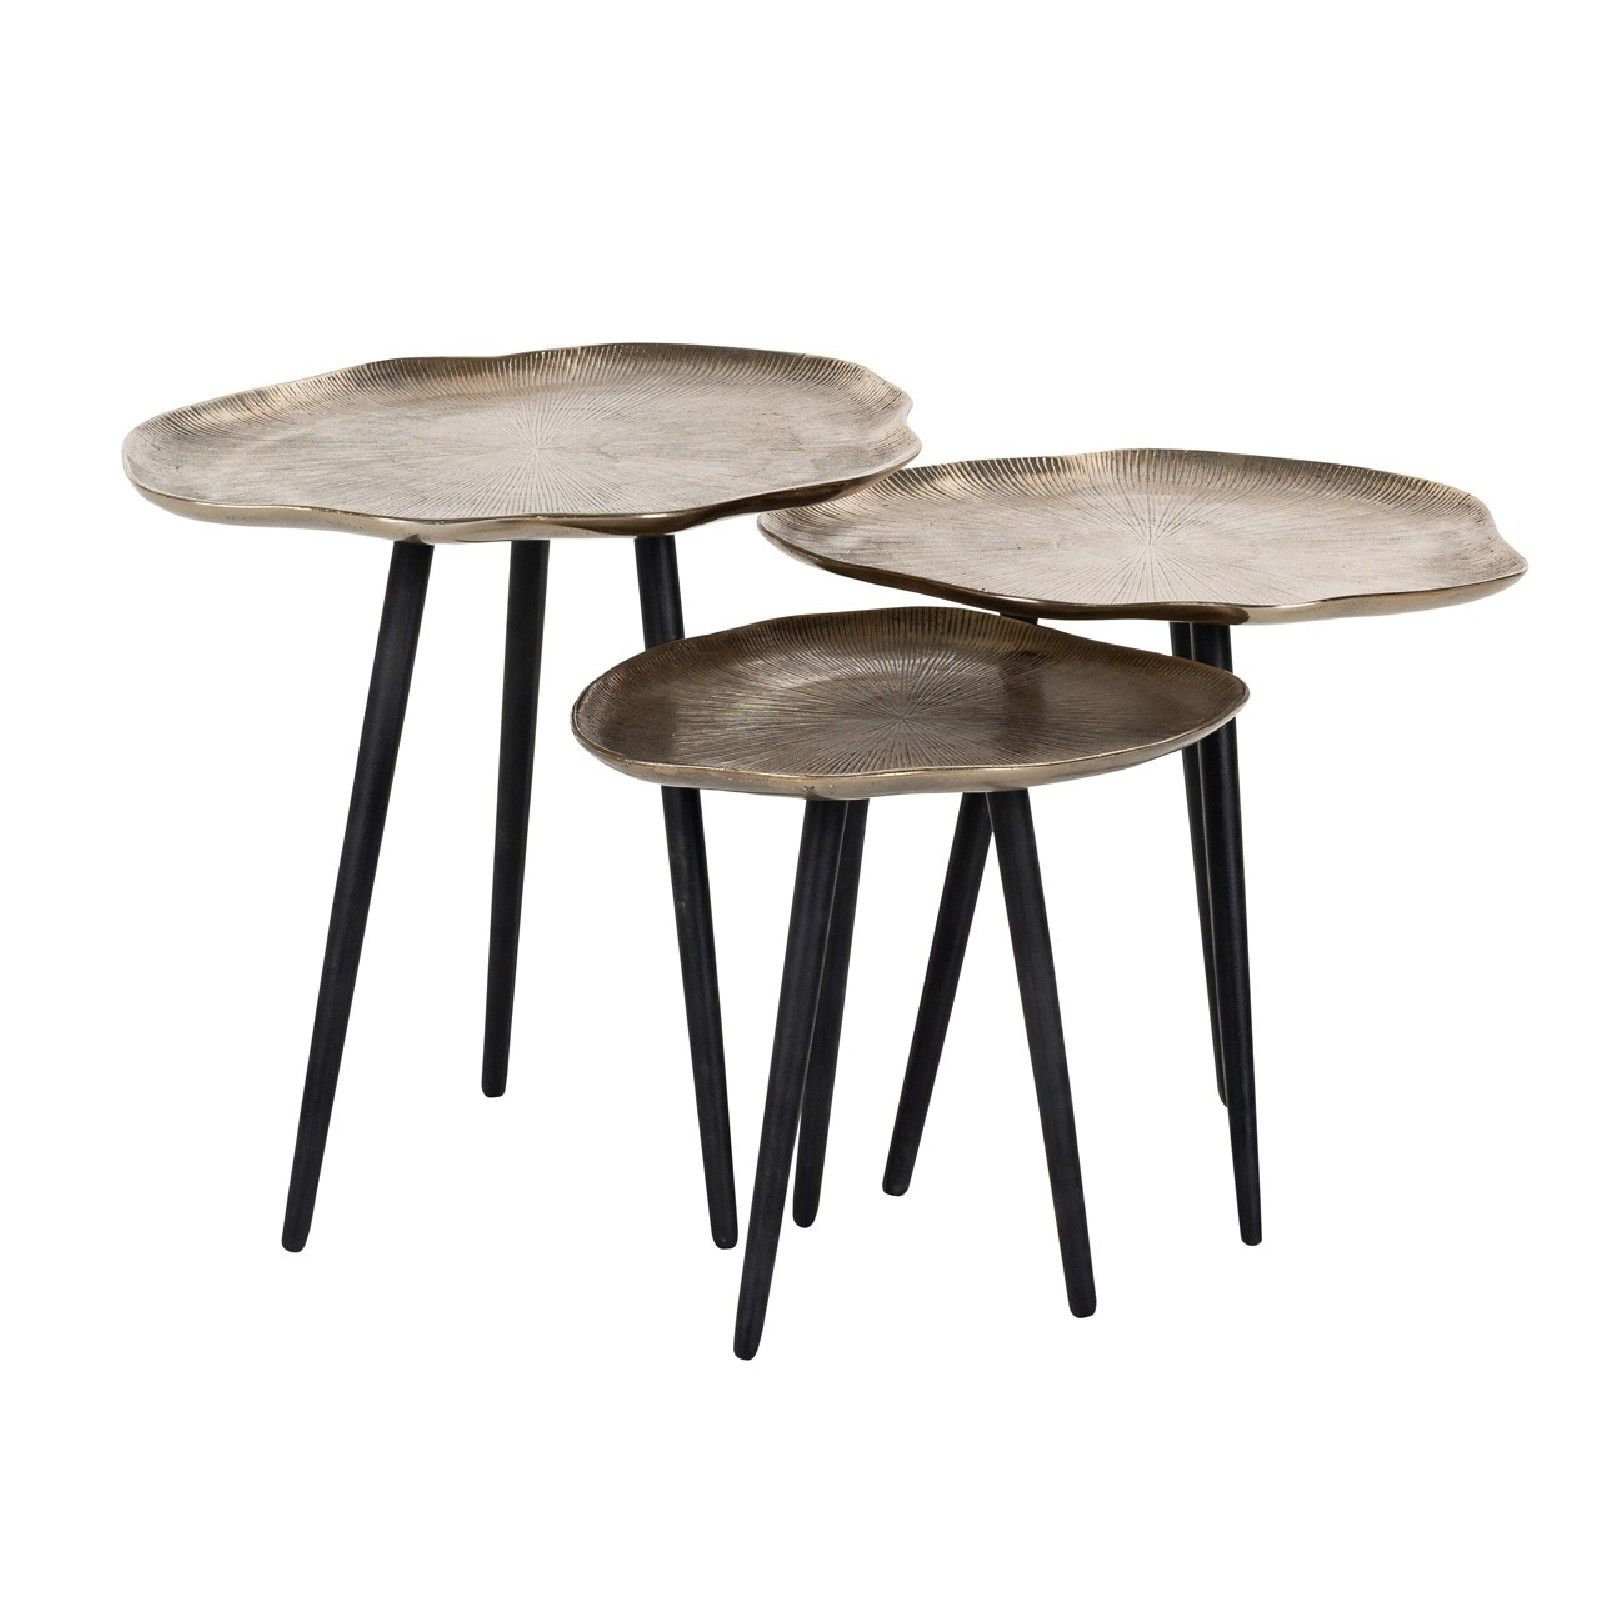 Table de salon Volenta Set de 3 champagne or Tables basses rondes - 61